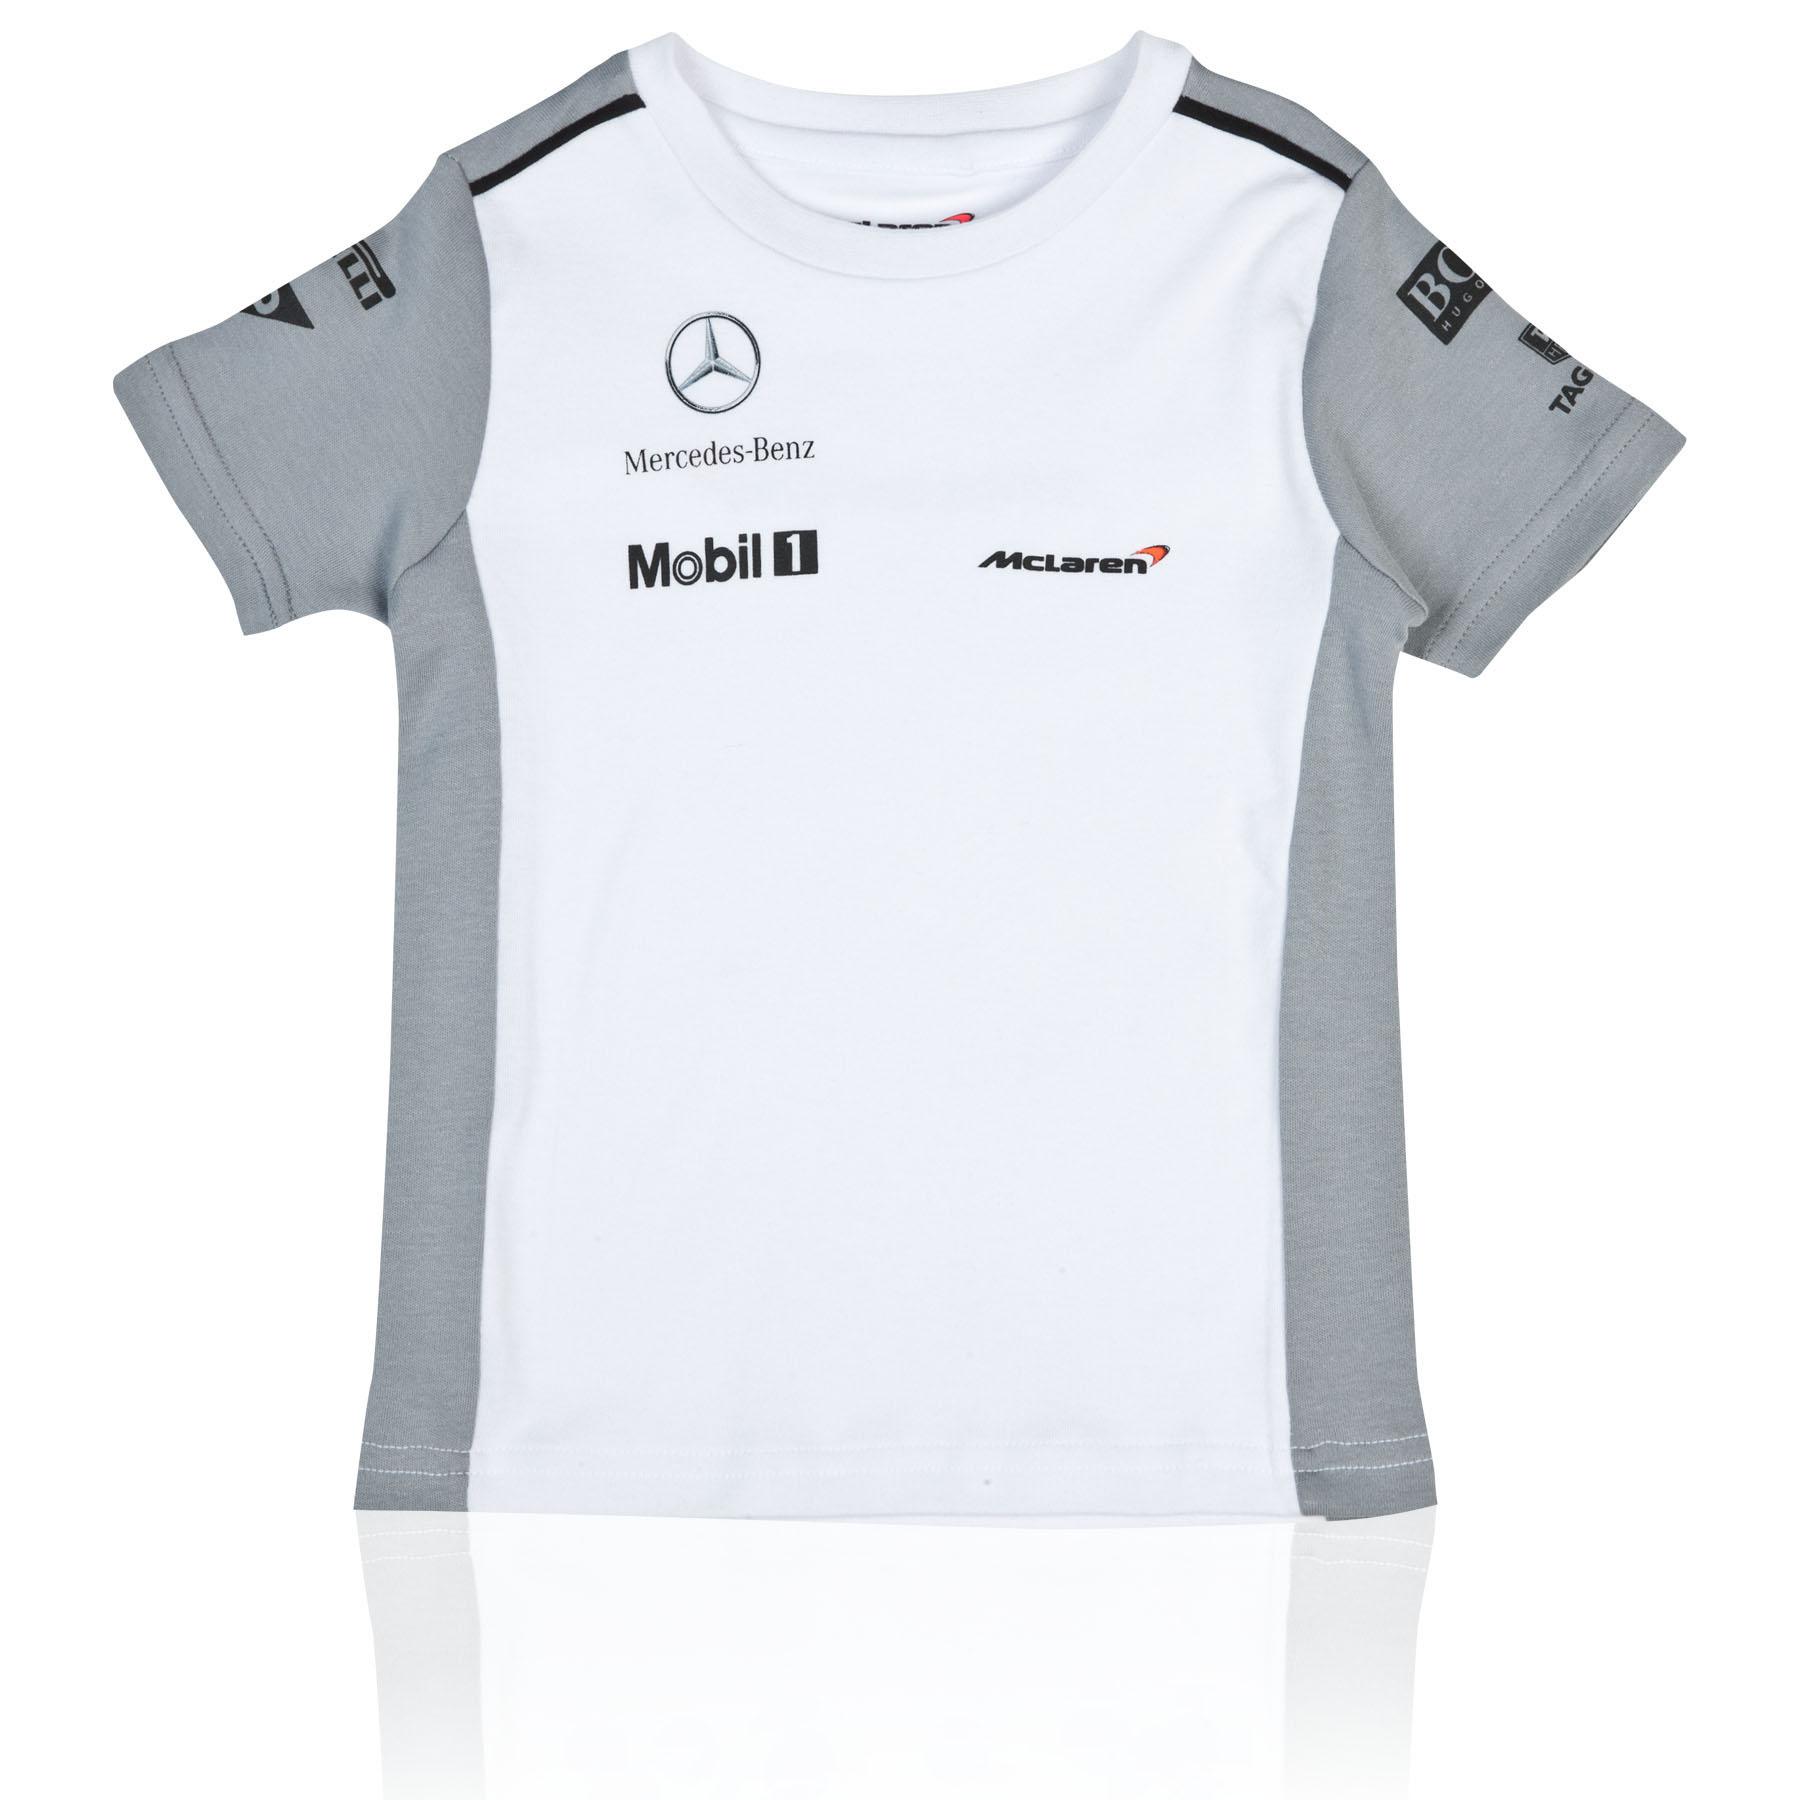 McLaren Mercedes 2014 Team T-Shirt - Baby